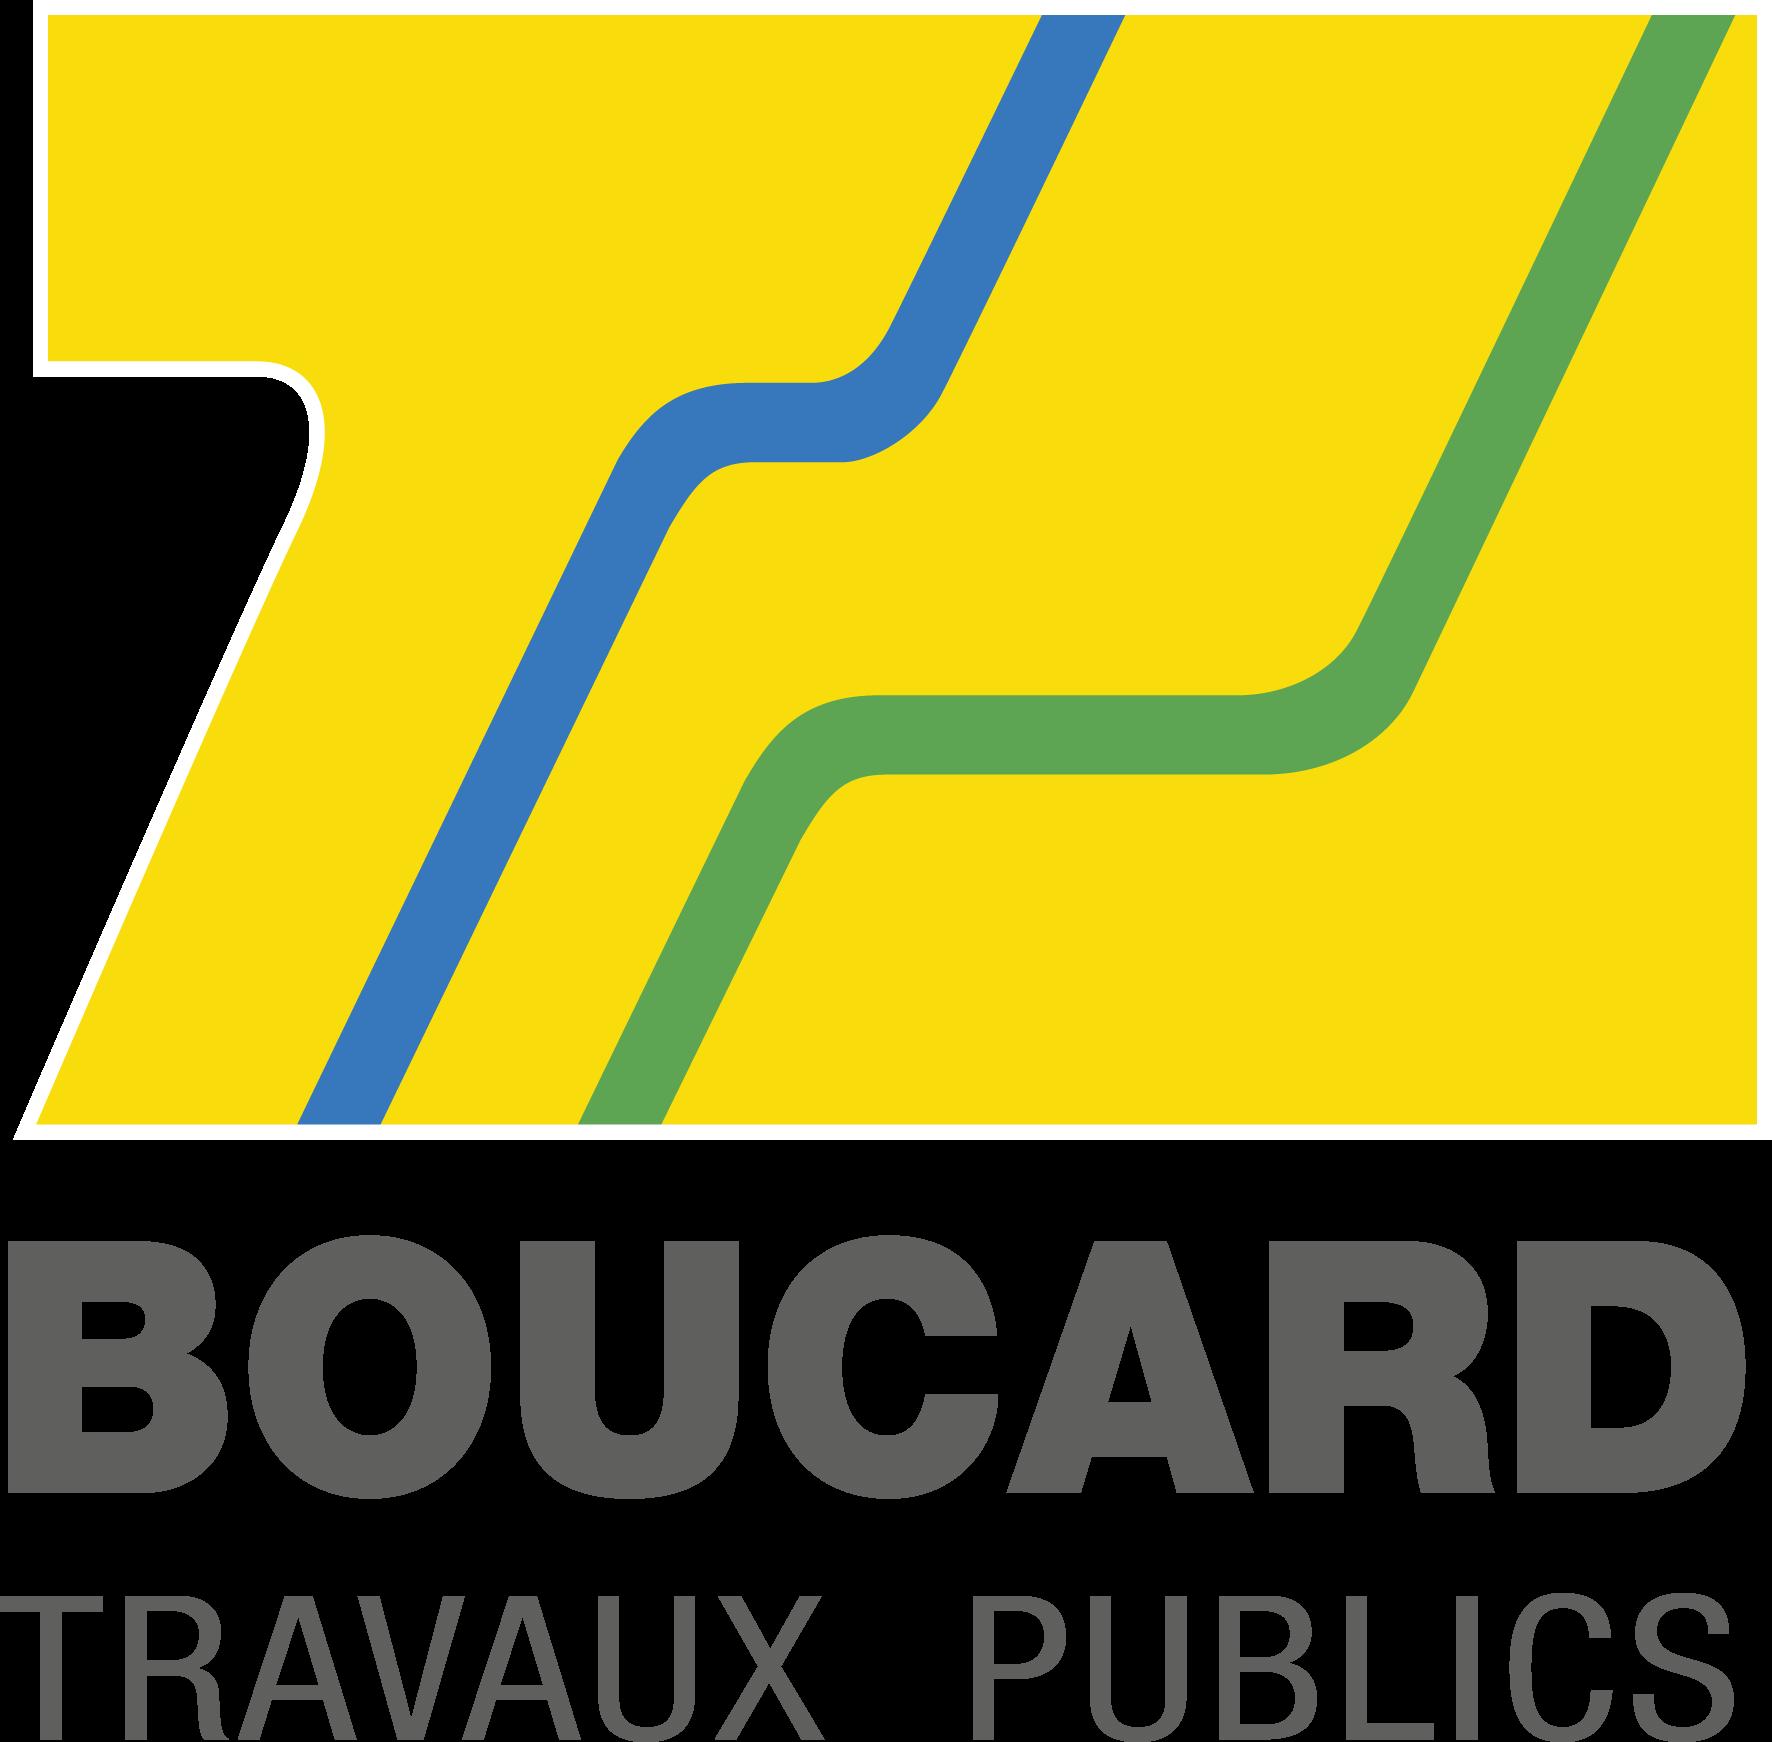 Boucard TP